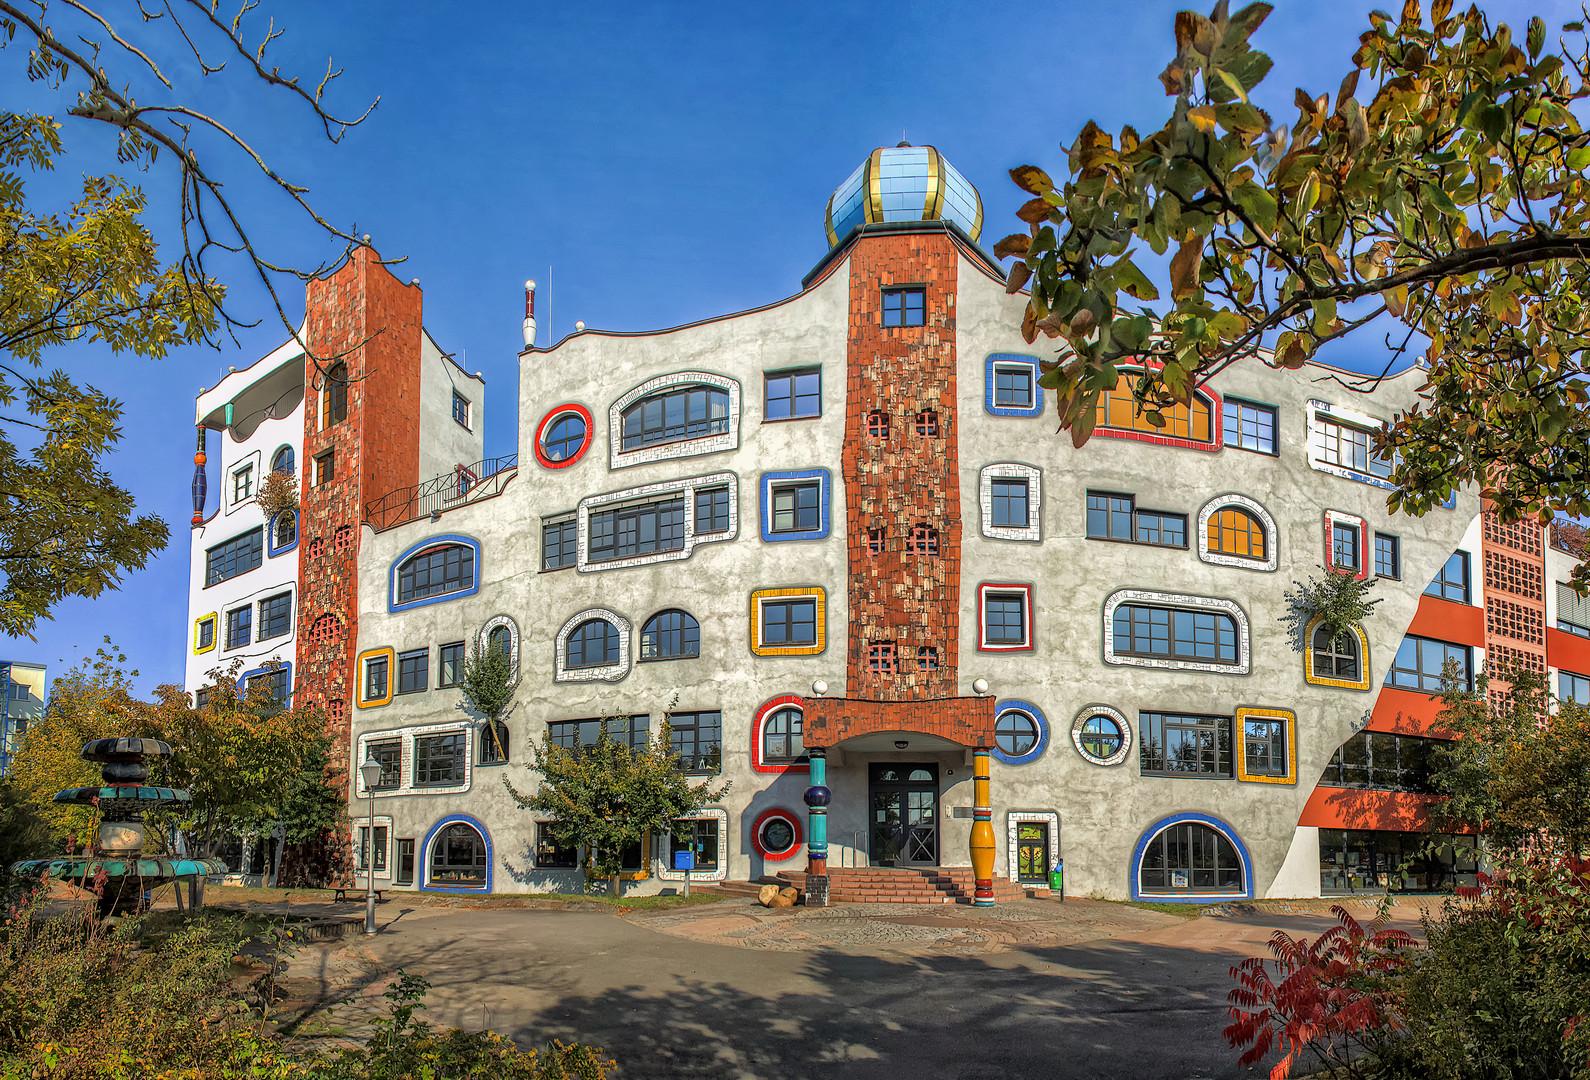 Hundertwassergymnasium in Wittenberg #2